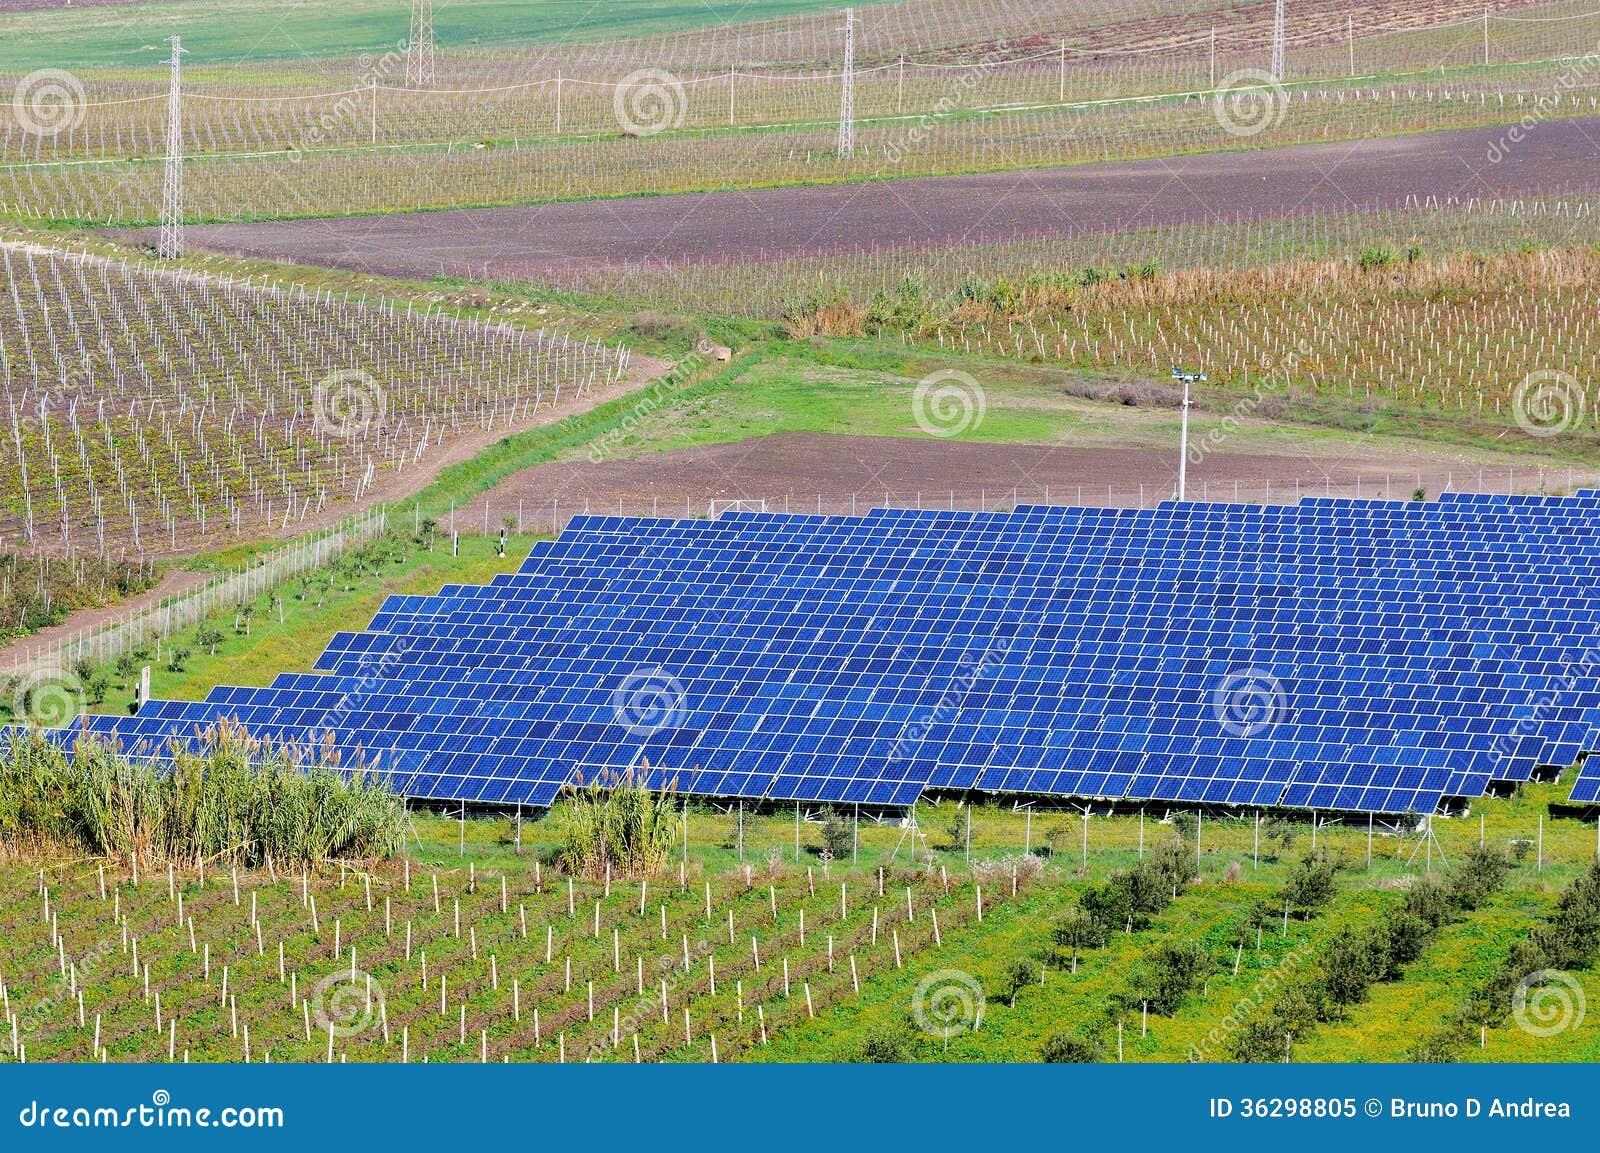 Pannelli Fotovoltaici Nel Paesaggio Fotografia Stock Libera da Diritti - Immagine: 36298805